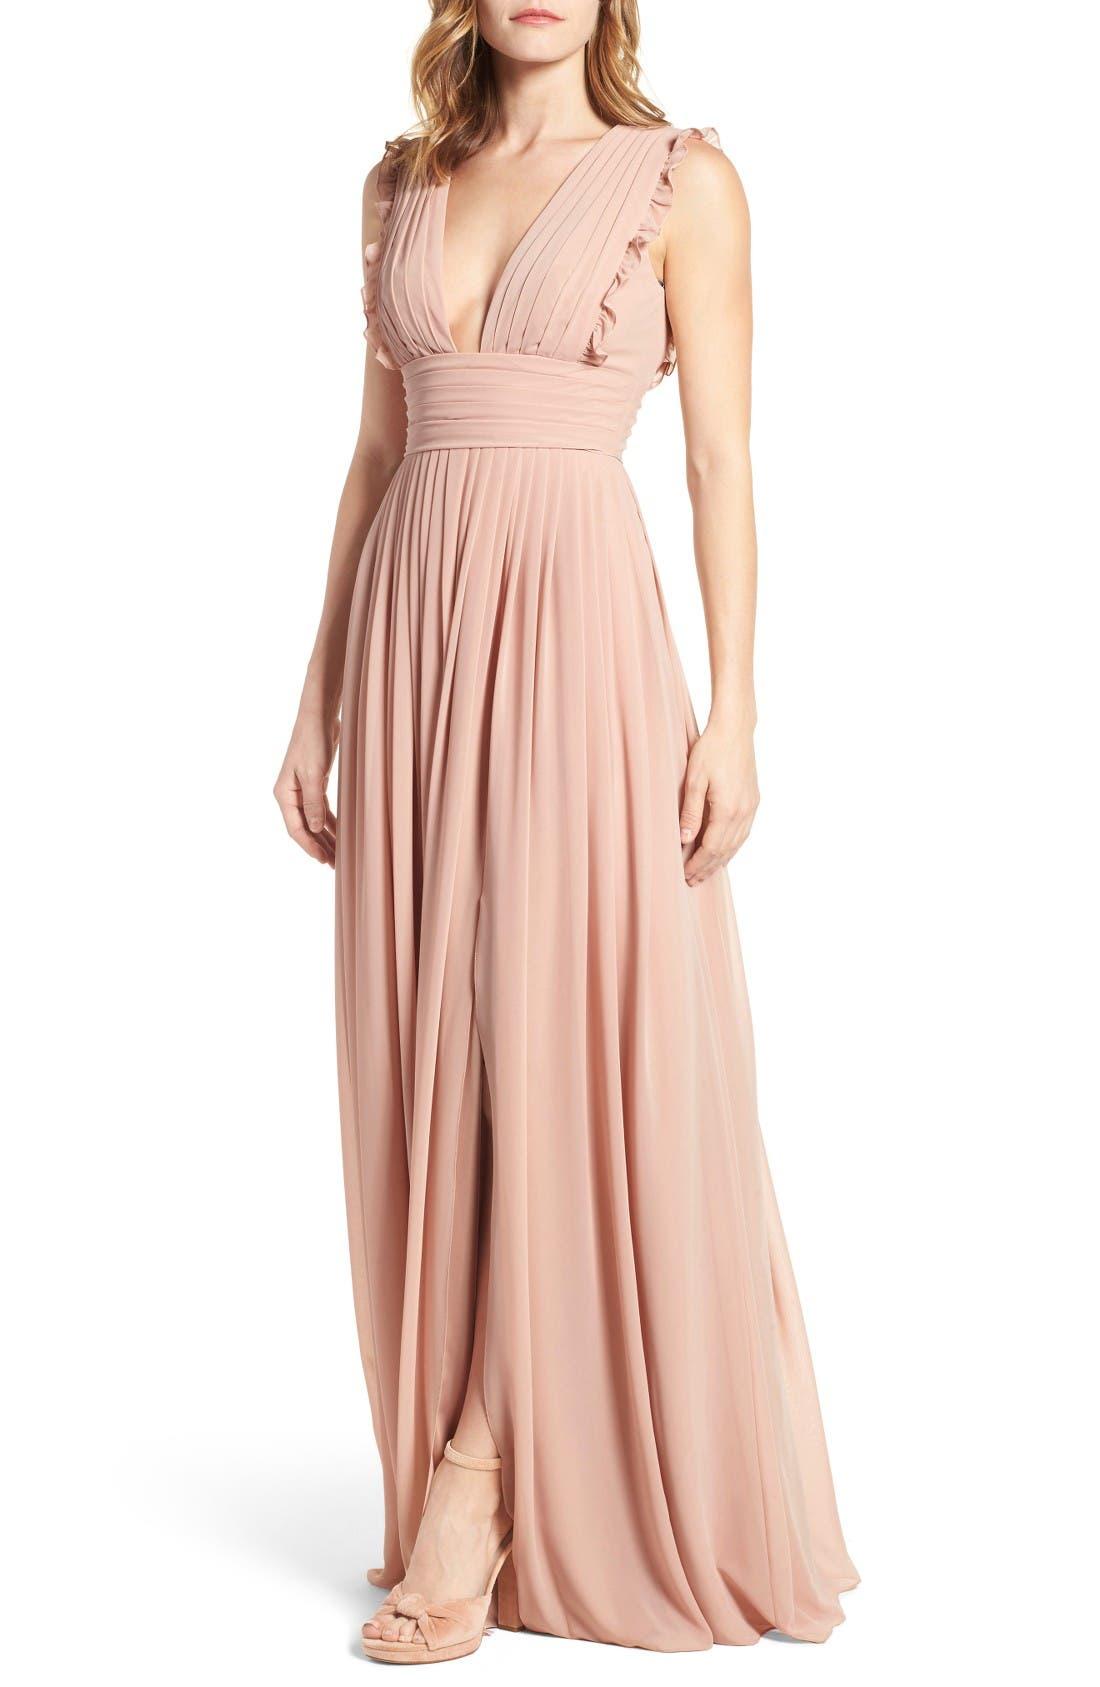 Monique lhuillier bridesmaids dresses gowns nordstrom ombrellifo Images